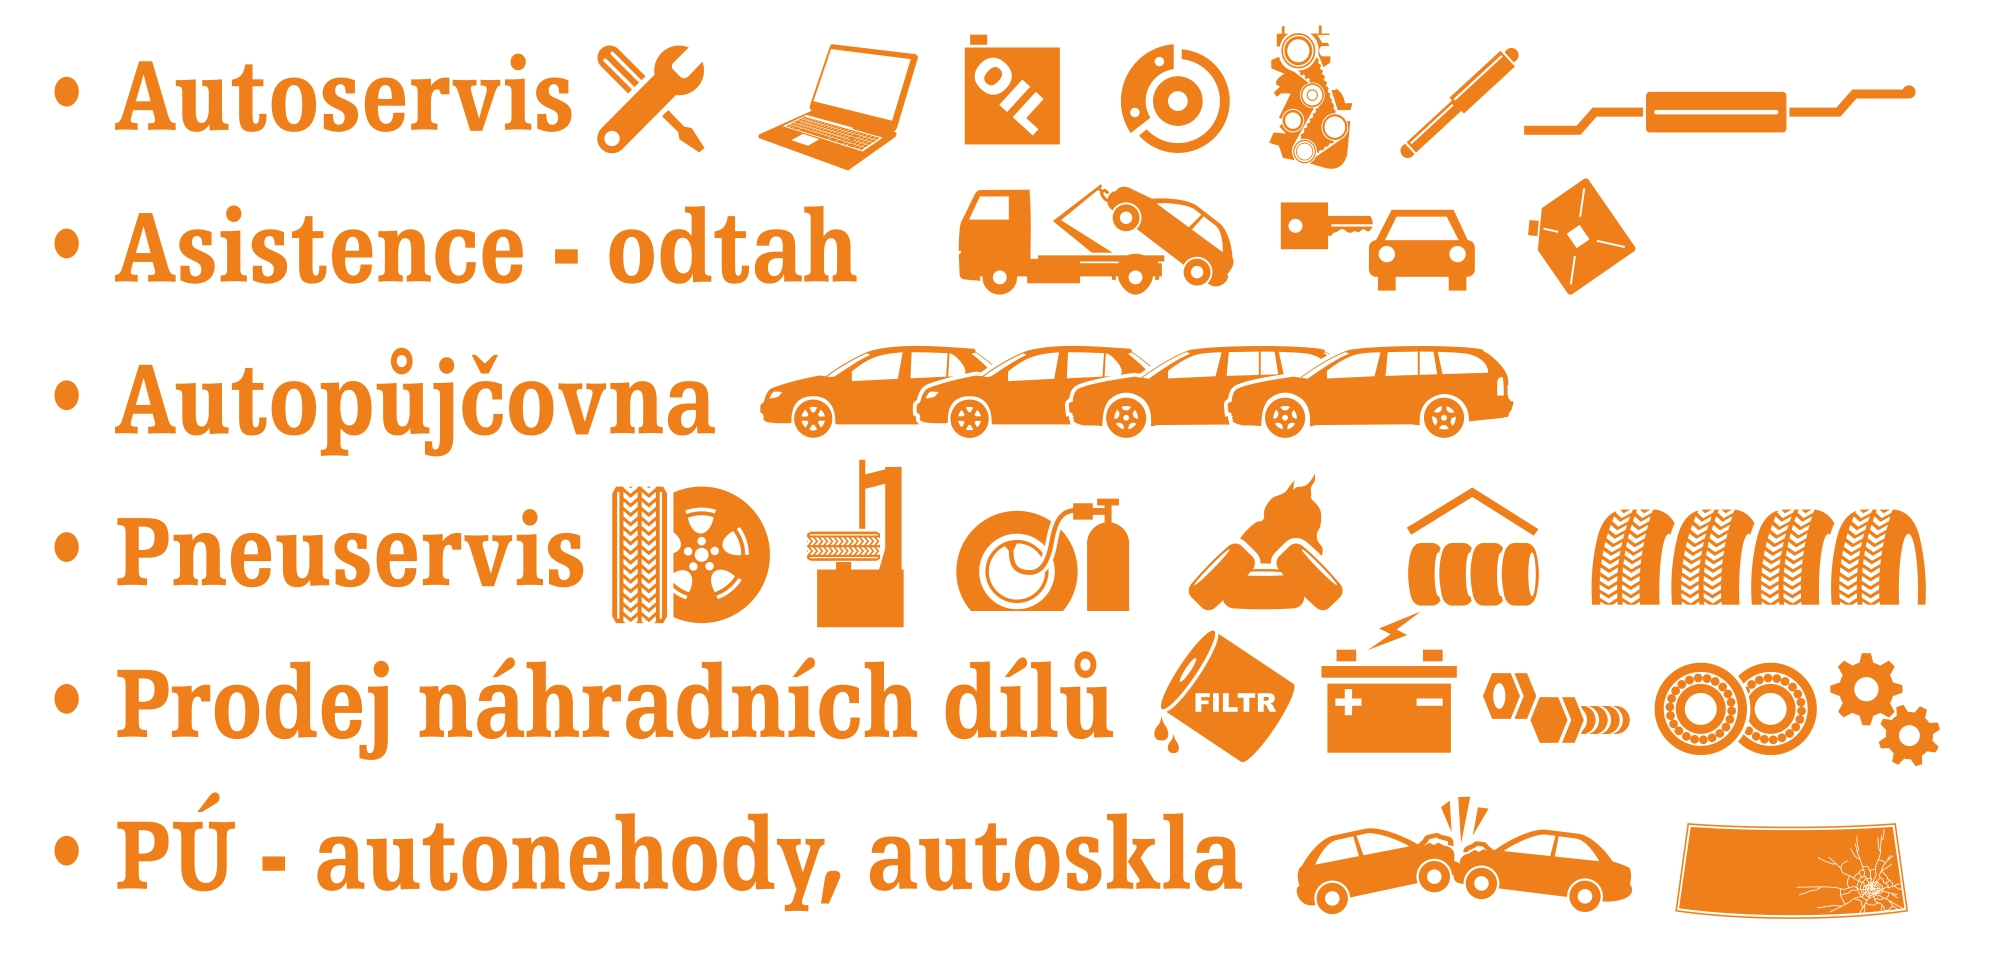 Autoservis, pneuservis, pojistné události Hranice, Přerov